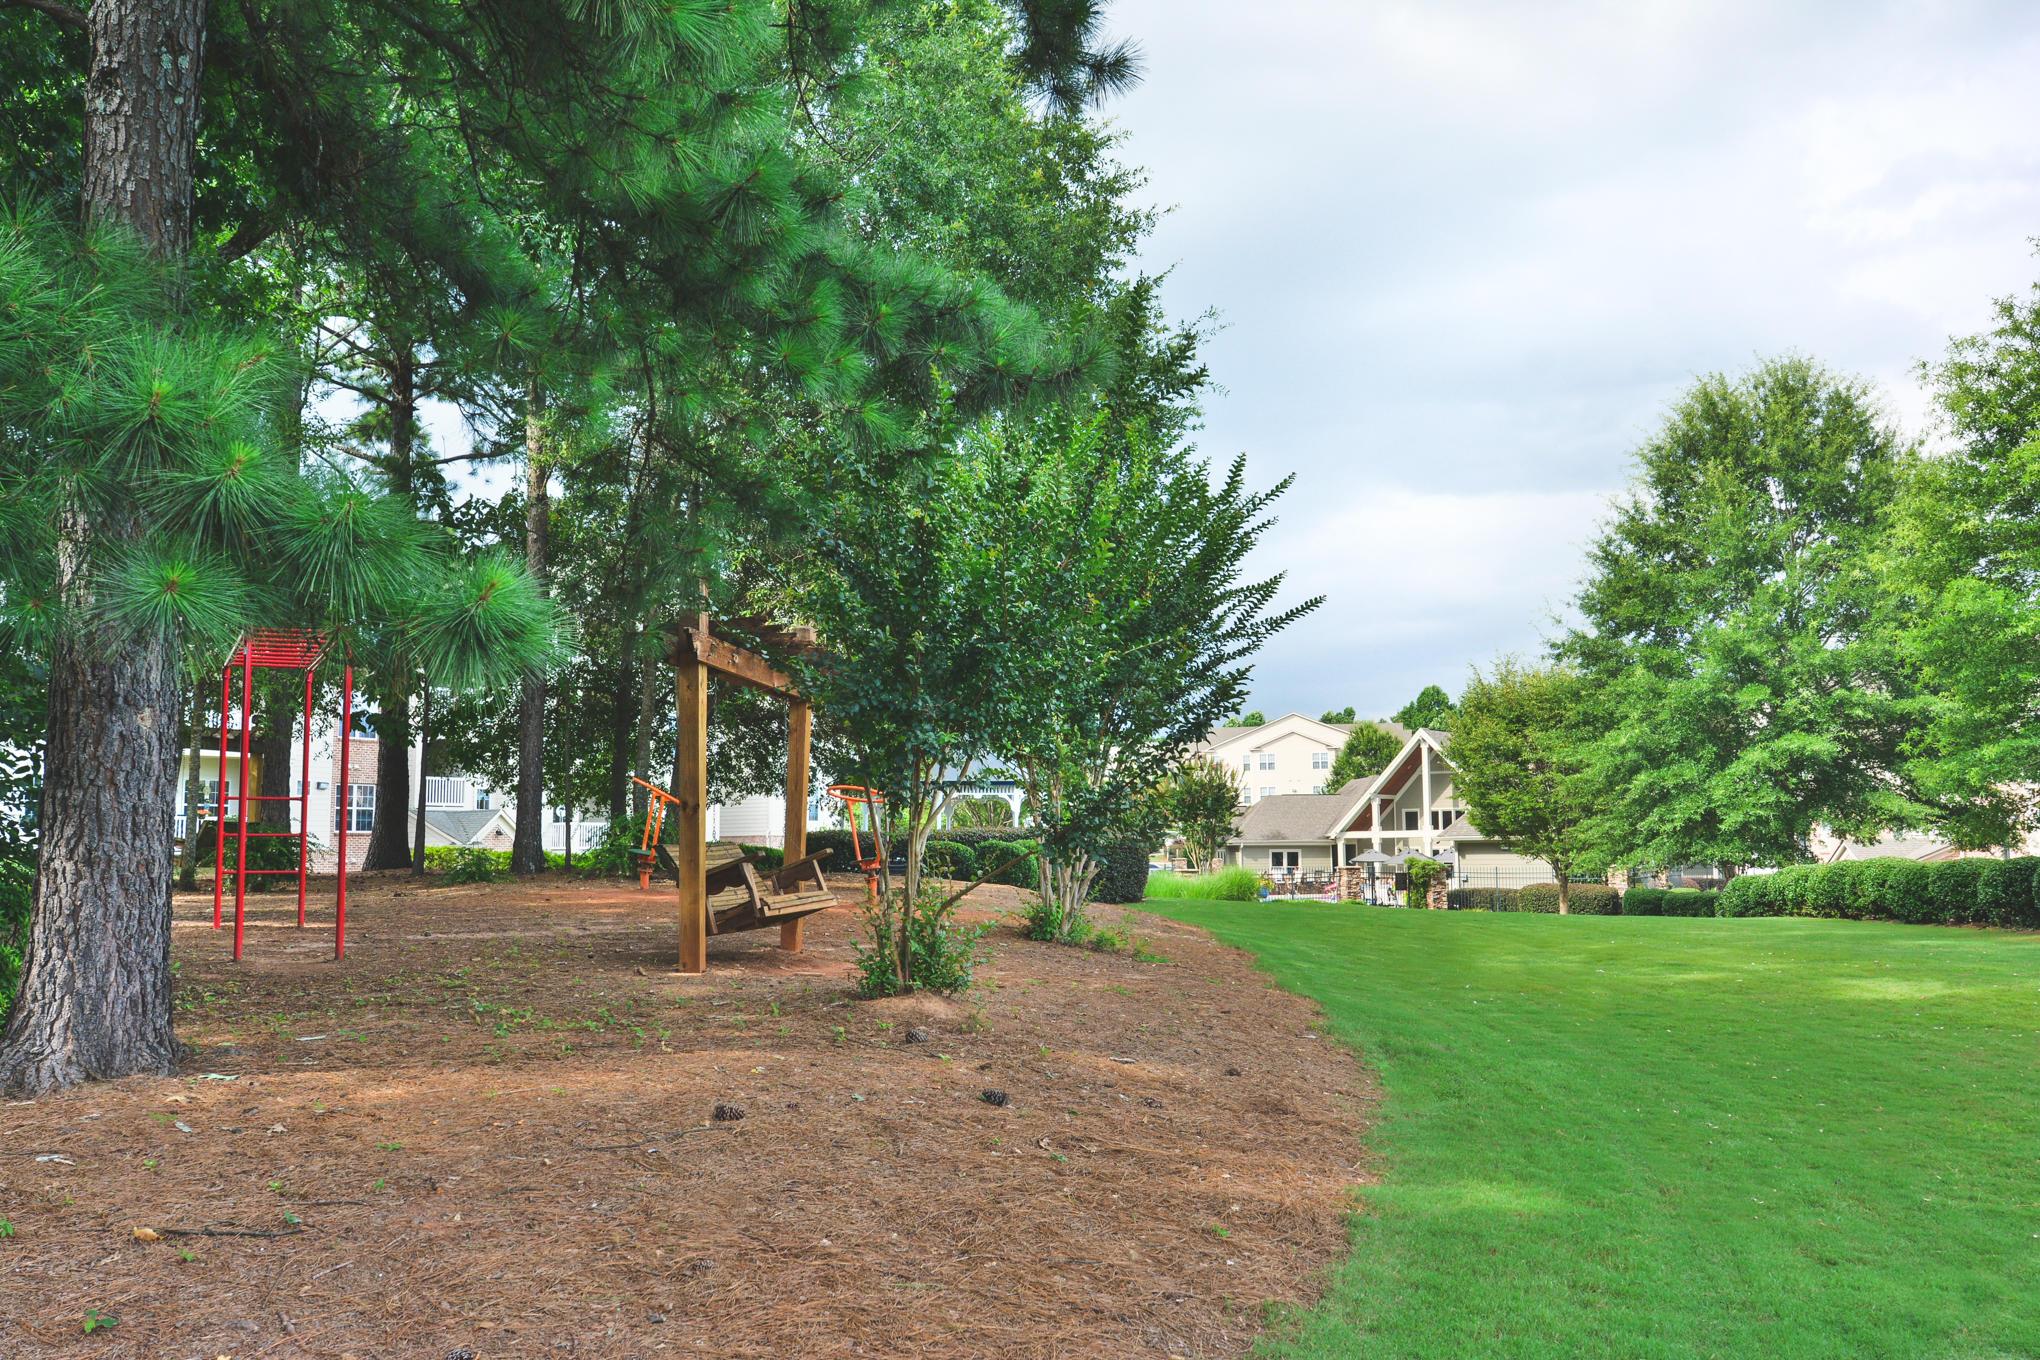 Tree Park image 2